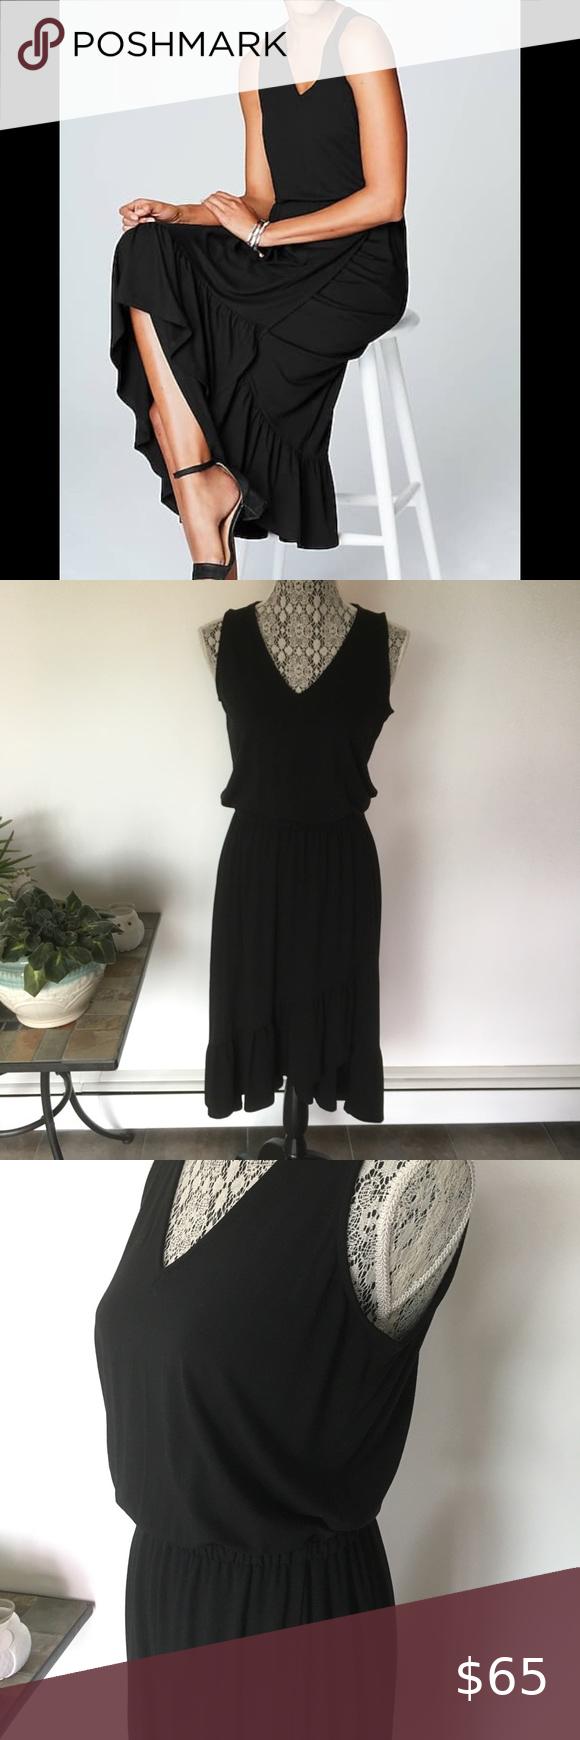 Ruffle Bottom Black Dress Black Dress Dresses Jill Dress [ 1740 x 580 Pixel ]